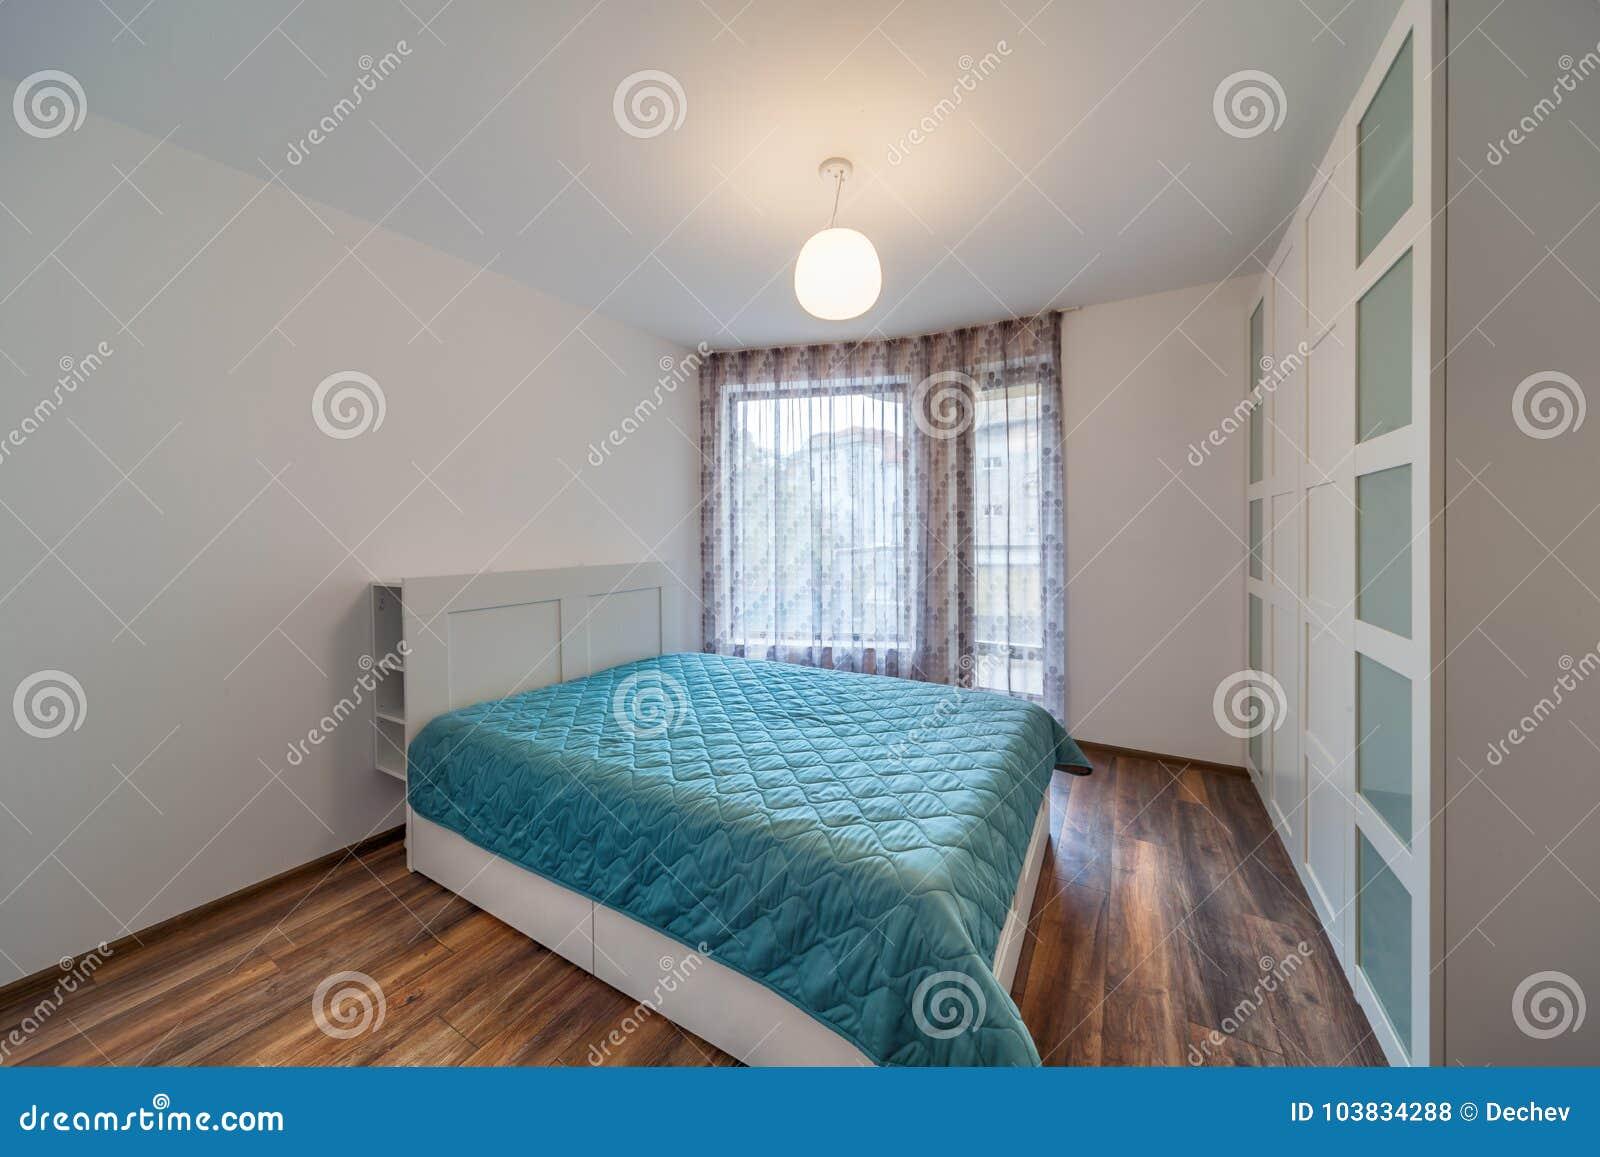 Nieuwe moderne slaapkamer nieuw huis binnenlandse fotografie houten